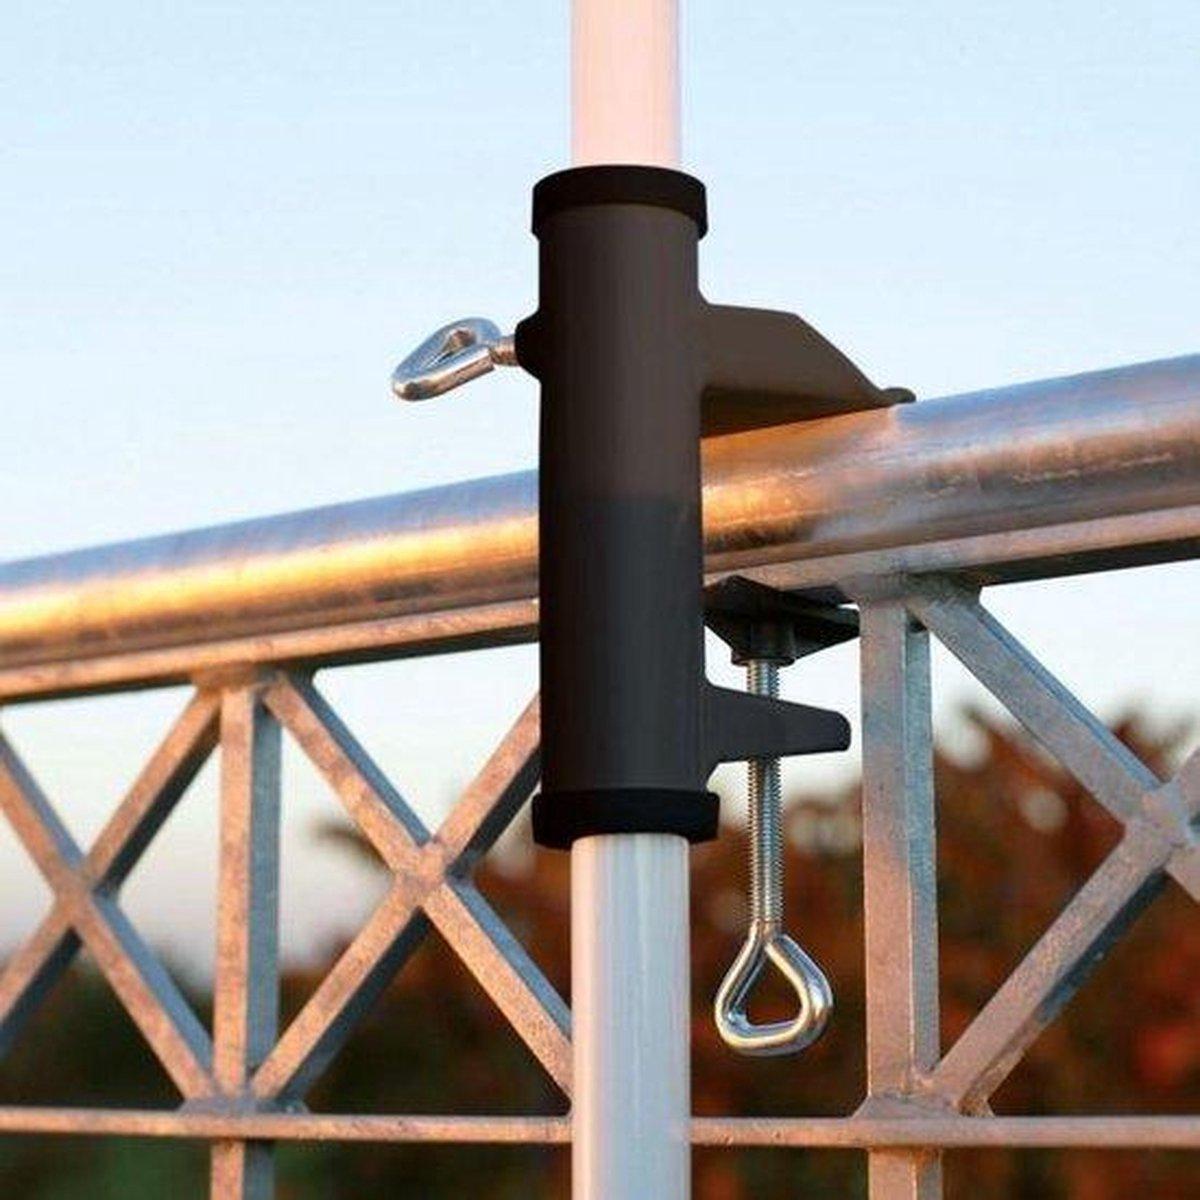 Parasolhouder voor balkon| parasolbevestiging| parasol| verkoeling zoeken| schaduw| parasol voet| metaal| Garden| Tuin| Balcony